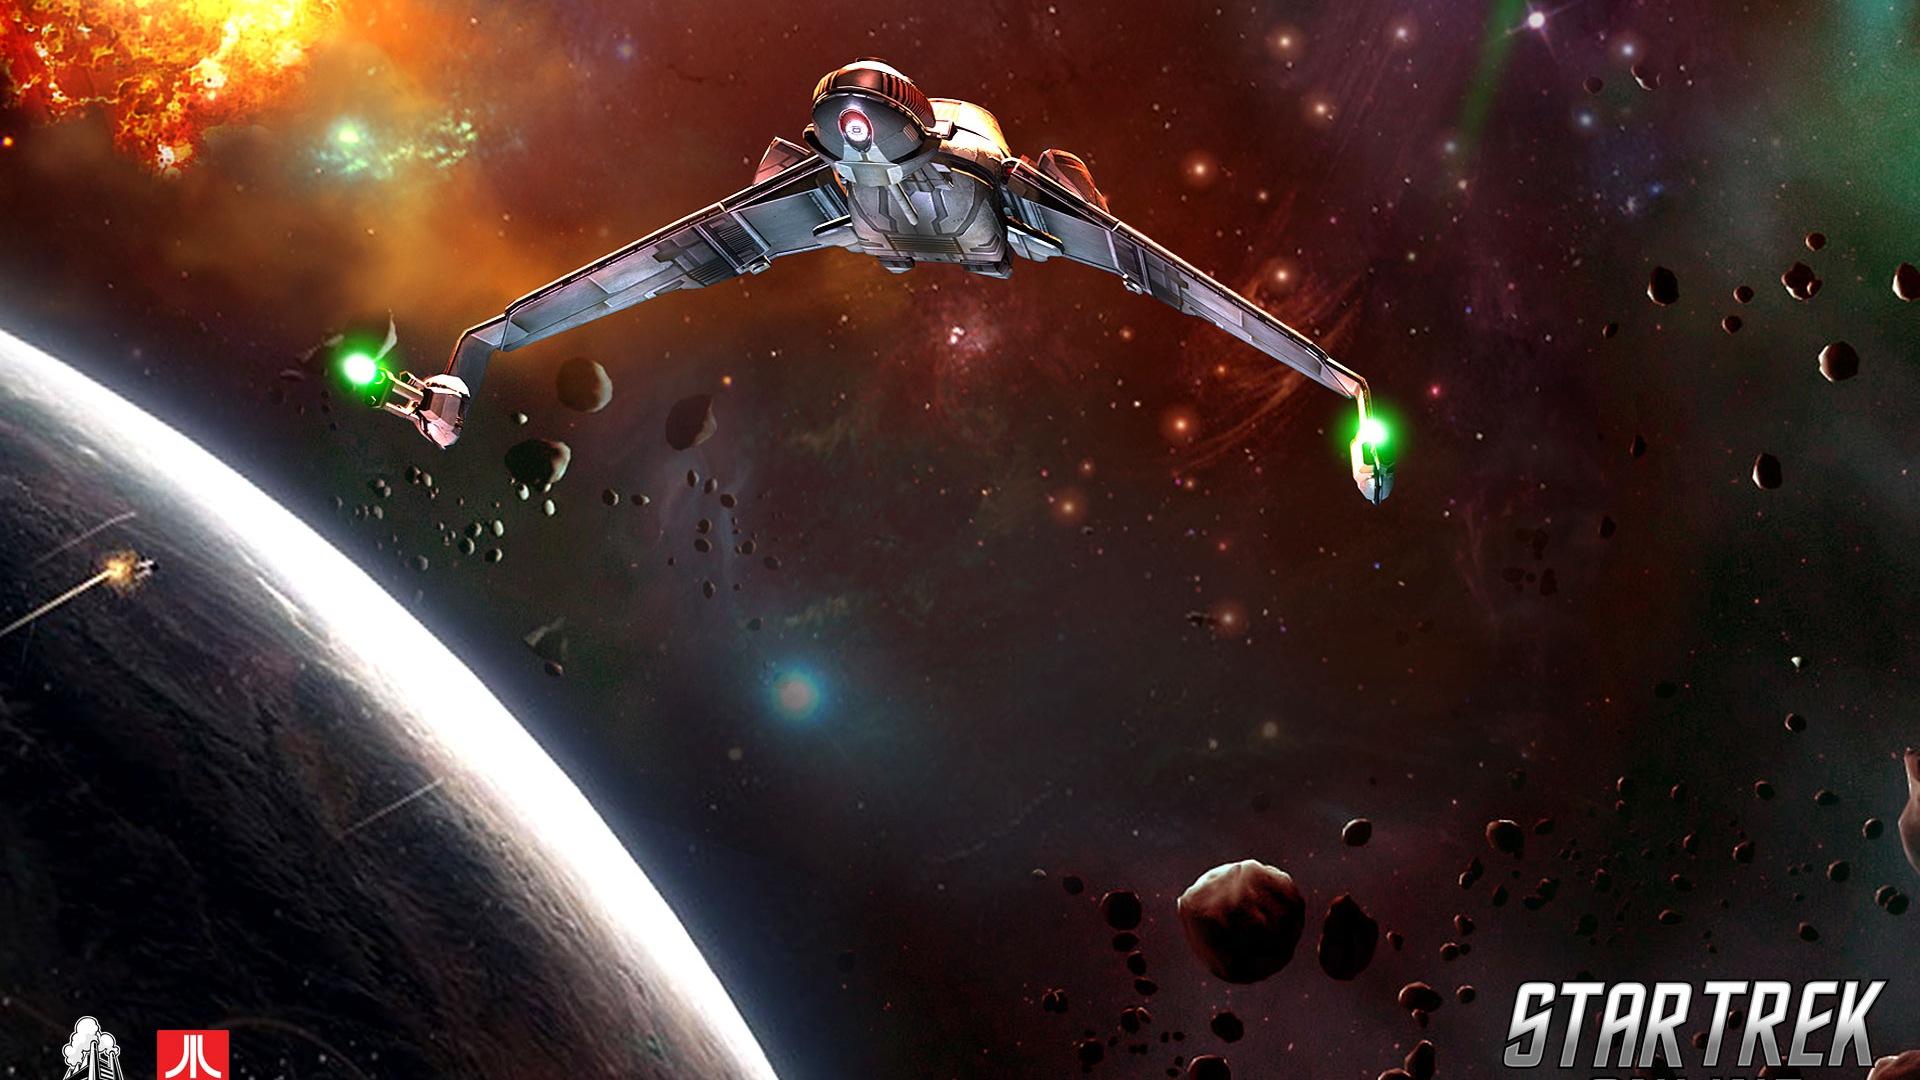 星际迷航拉克丝_star trek online 星际迷航在线 游戏高清壁纸14 - 1920x1080